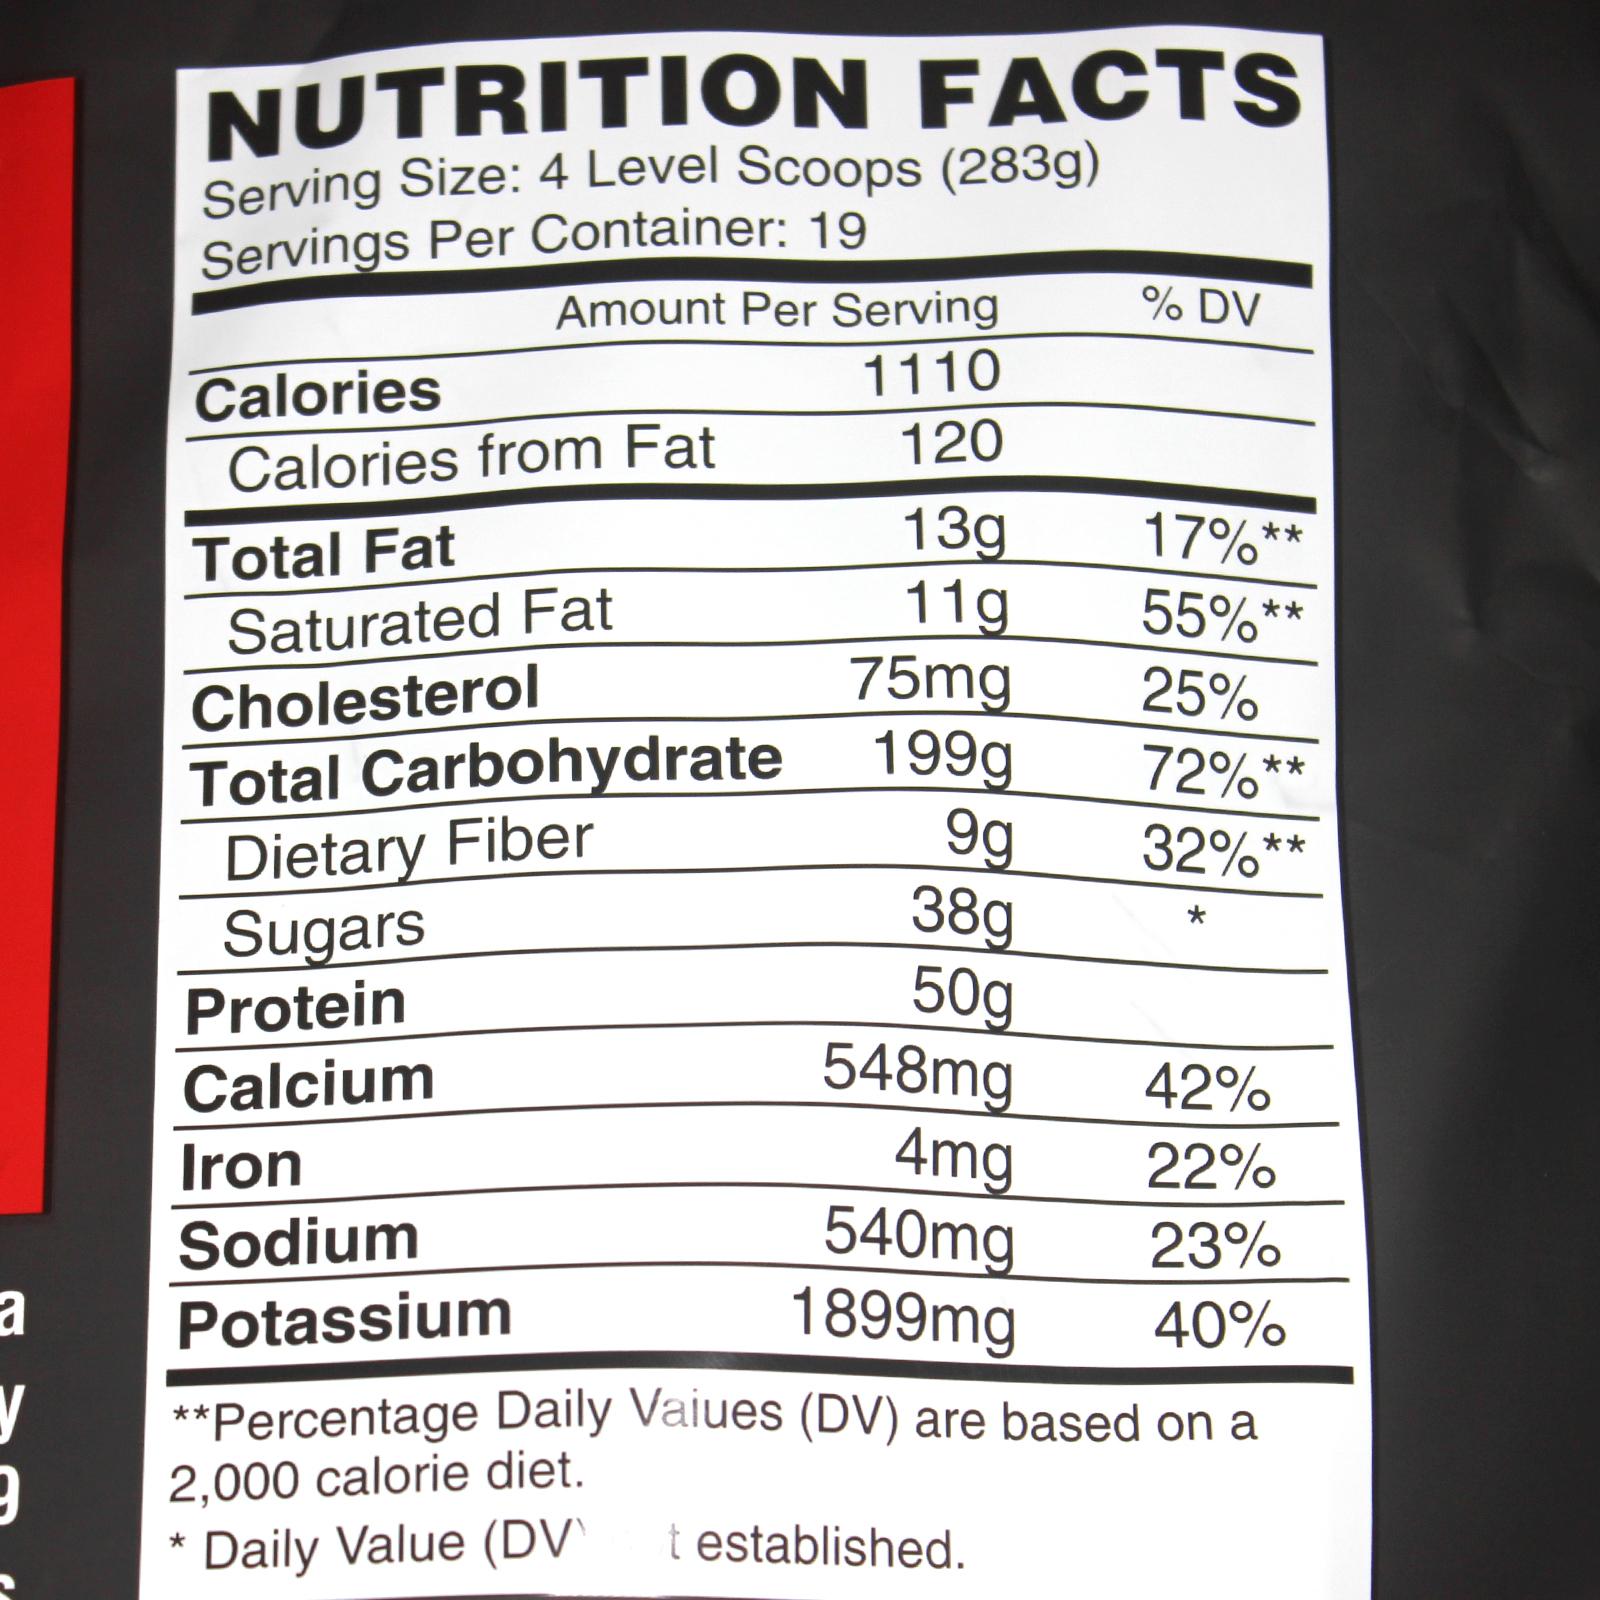 Combo Sữa tăng cân tăng cơ Mass Infusion của Nutrex hương Chocolate bịch Lớn 5.45kg hỗ trợ tăng cân, tăng cơ nhanh cho người gầy kén ăn, khó hấp thụ thức ăn & Bình lắc 600 ml (Màu Ngẫu Nhiên) & Áo Gym đen size M